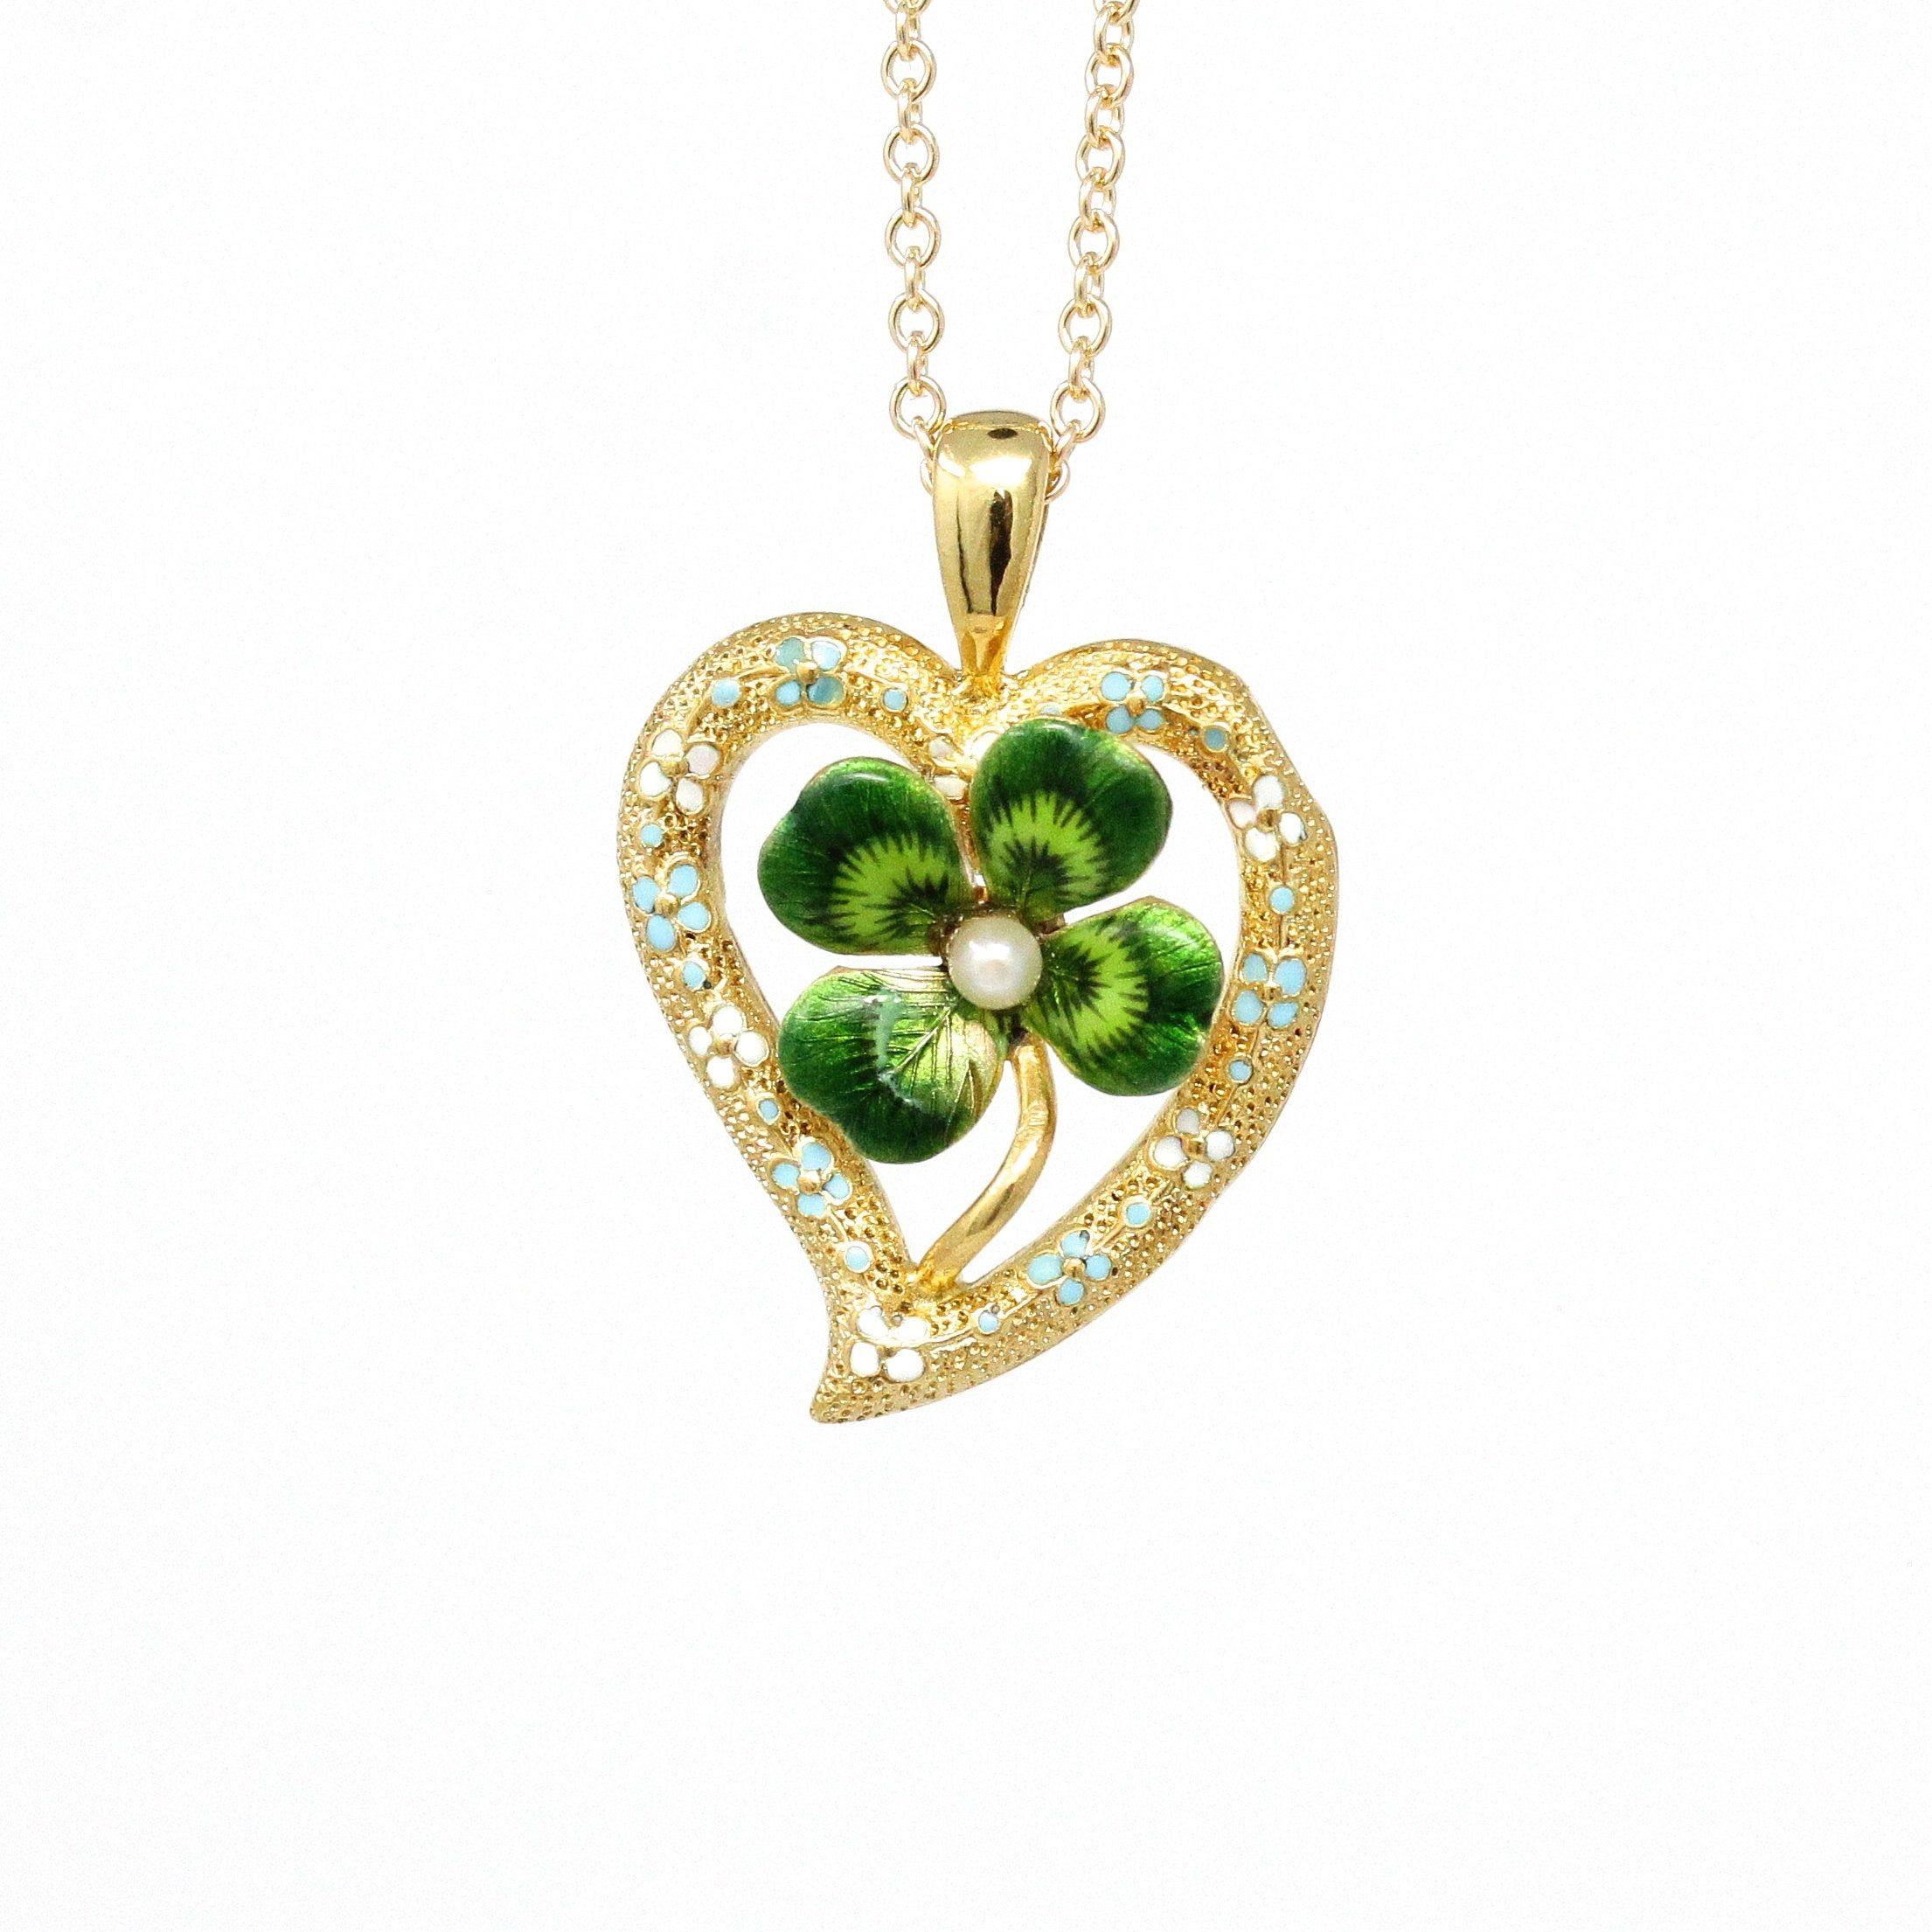 14k Yellow Gold Heart Clover Pendant